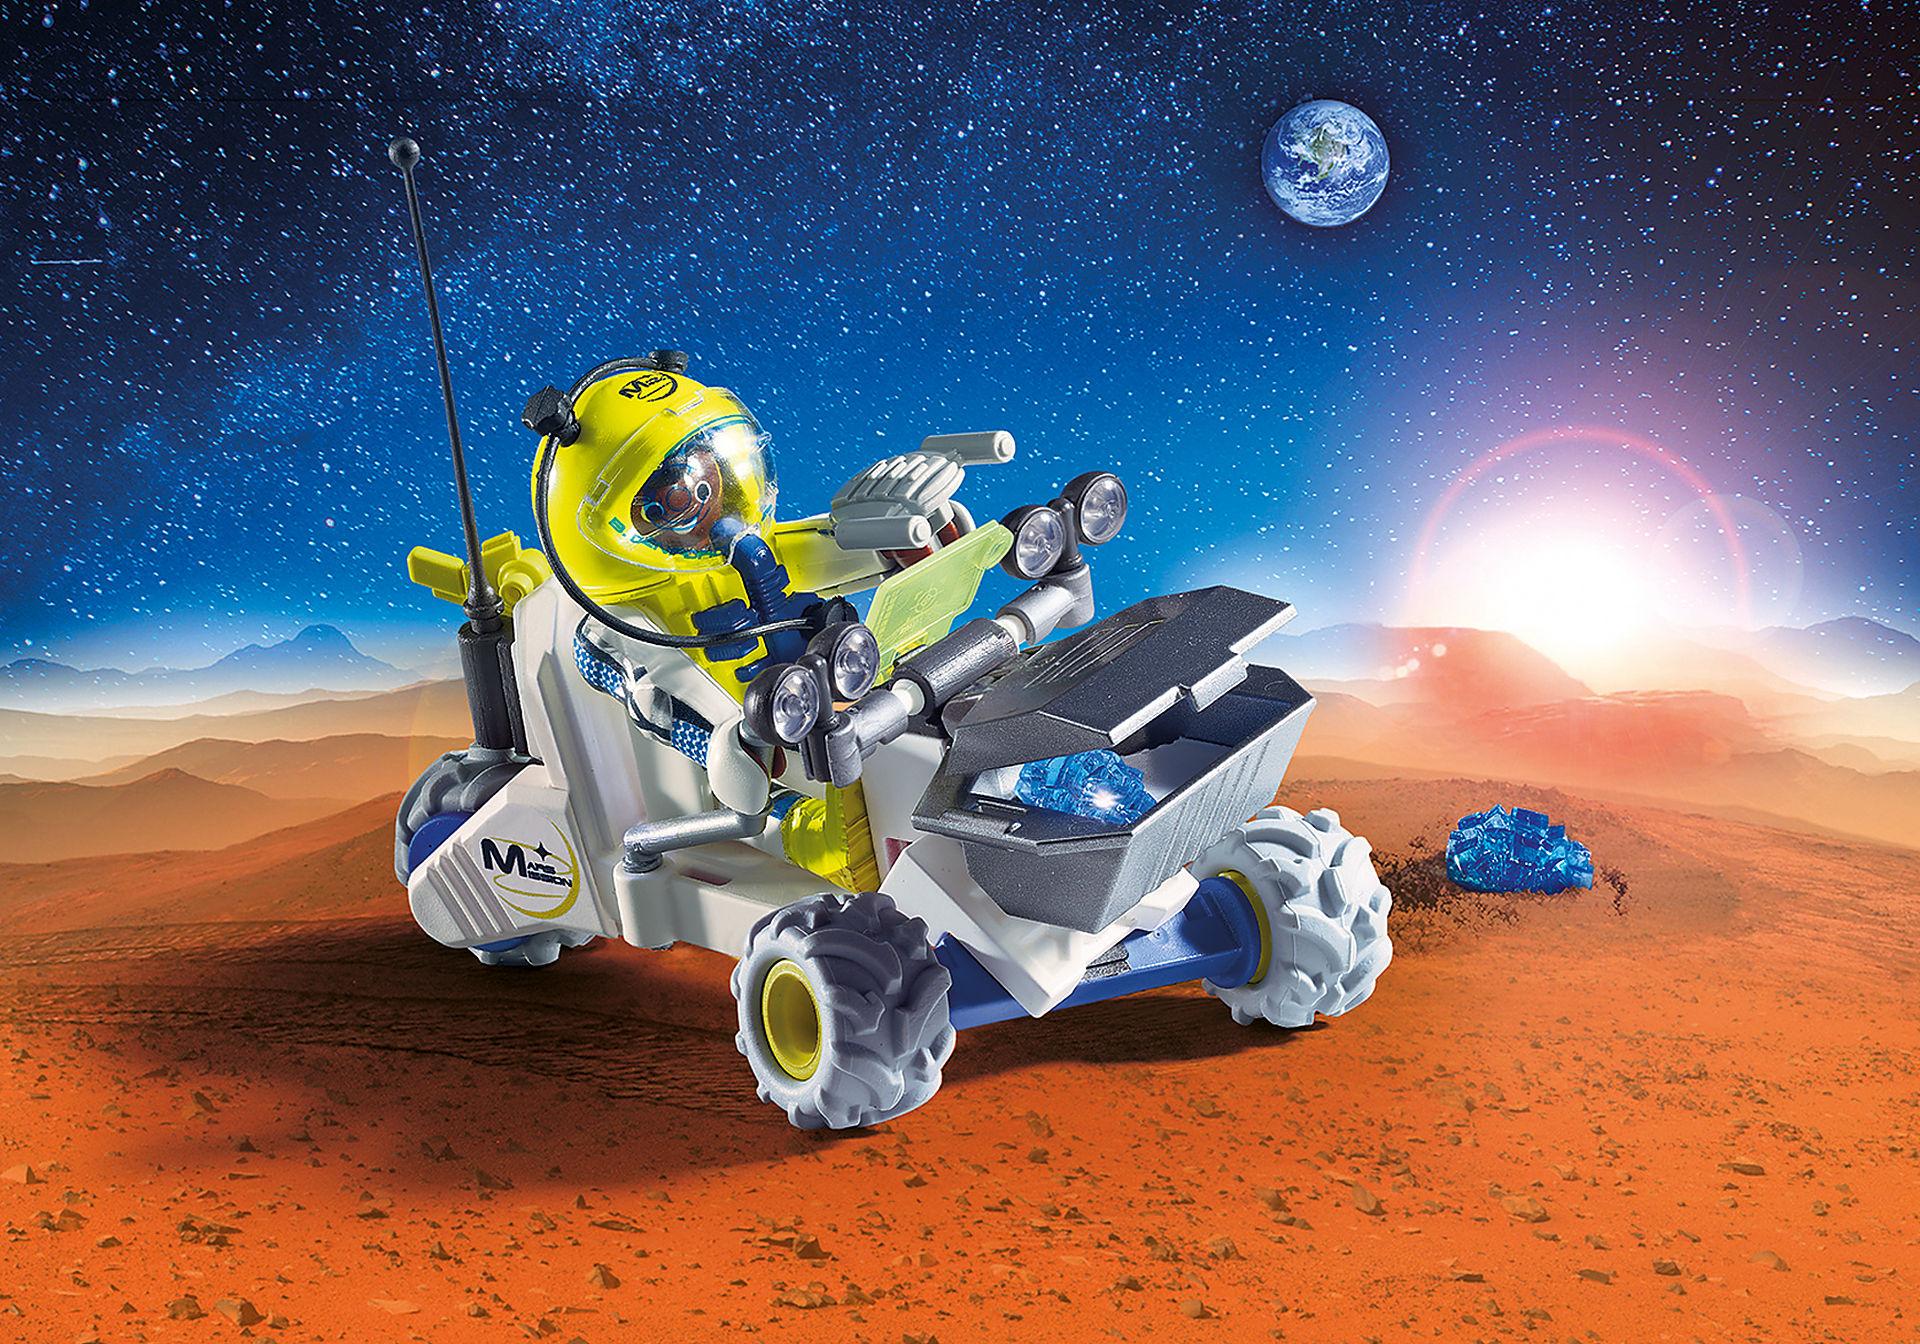 9491 Mars trike zoom image1